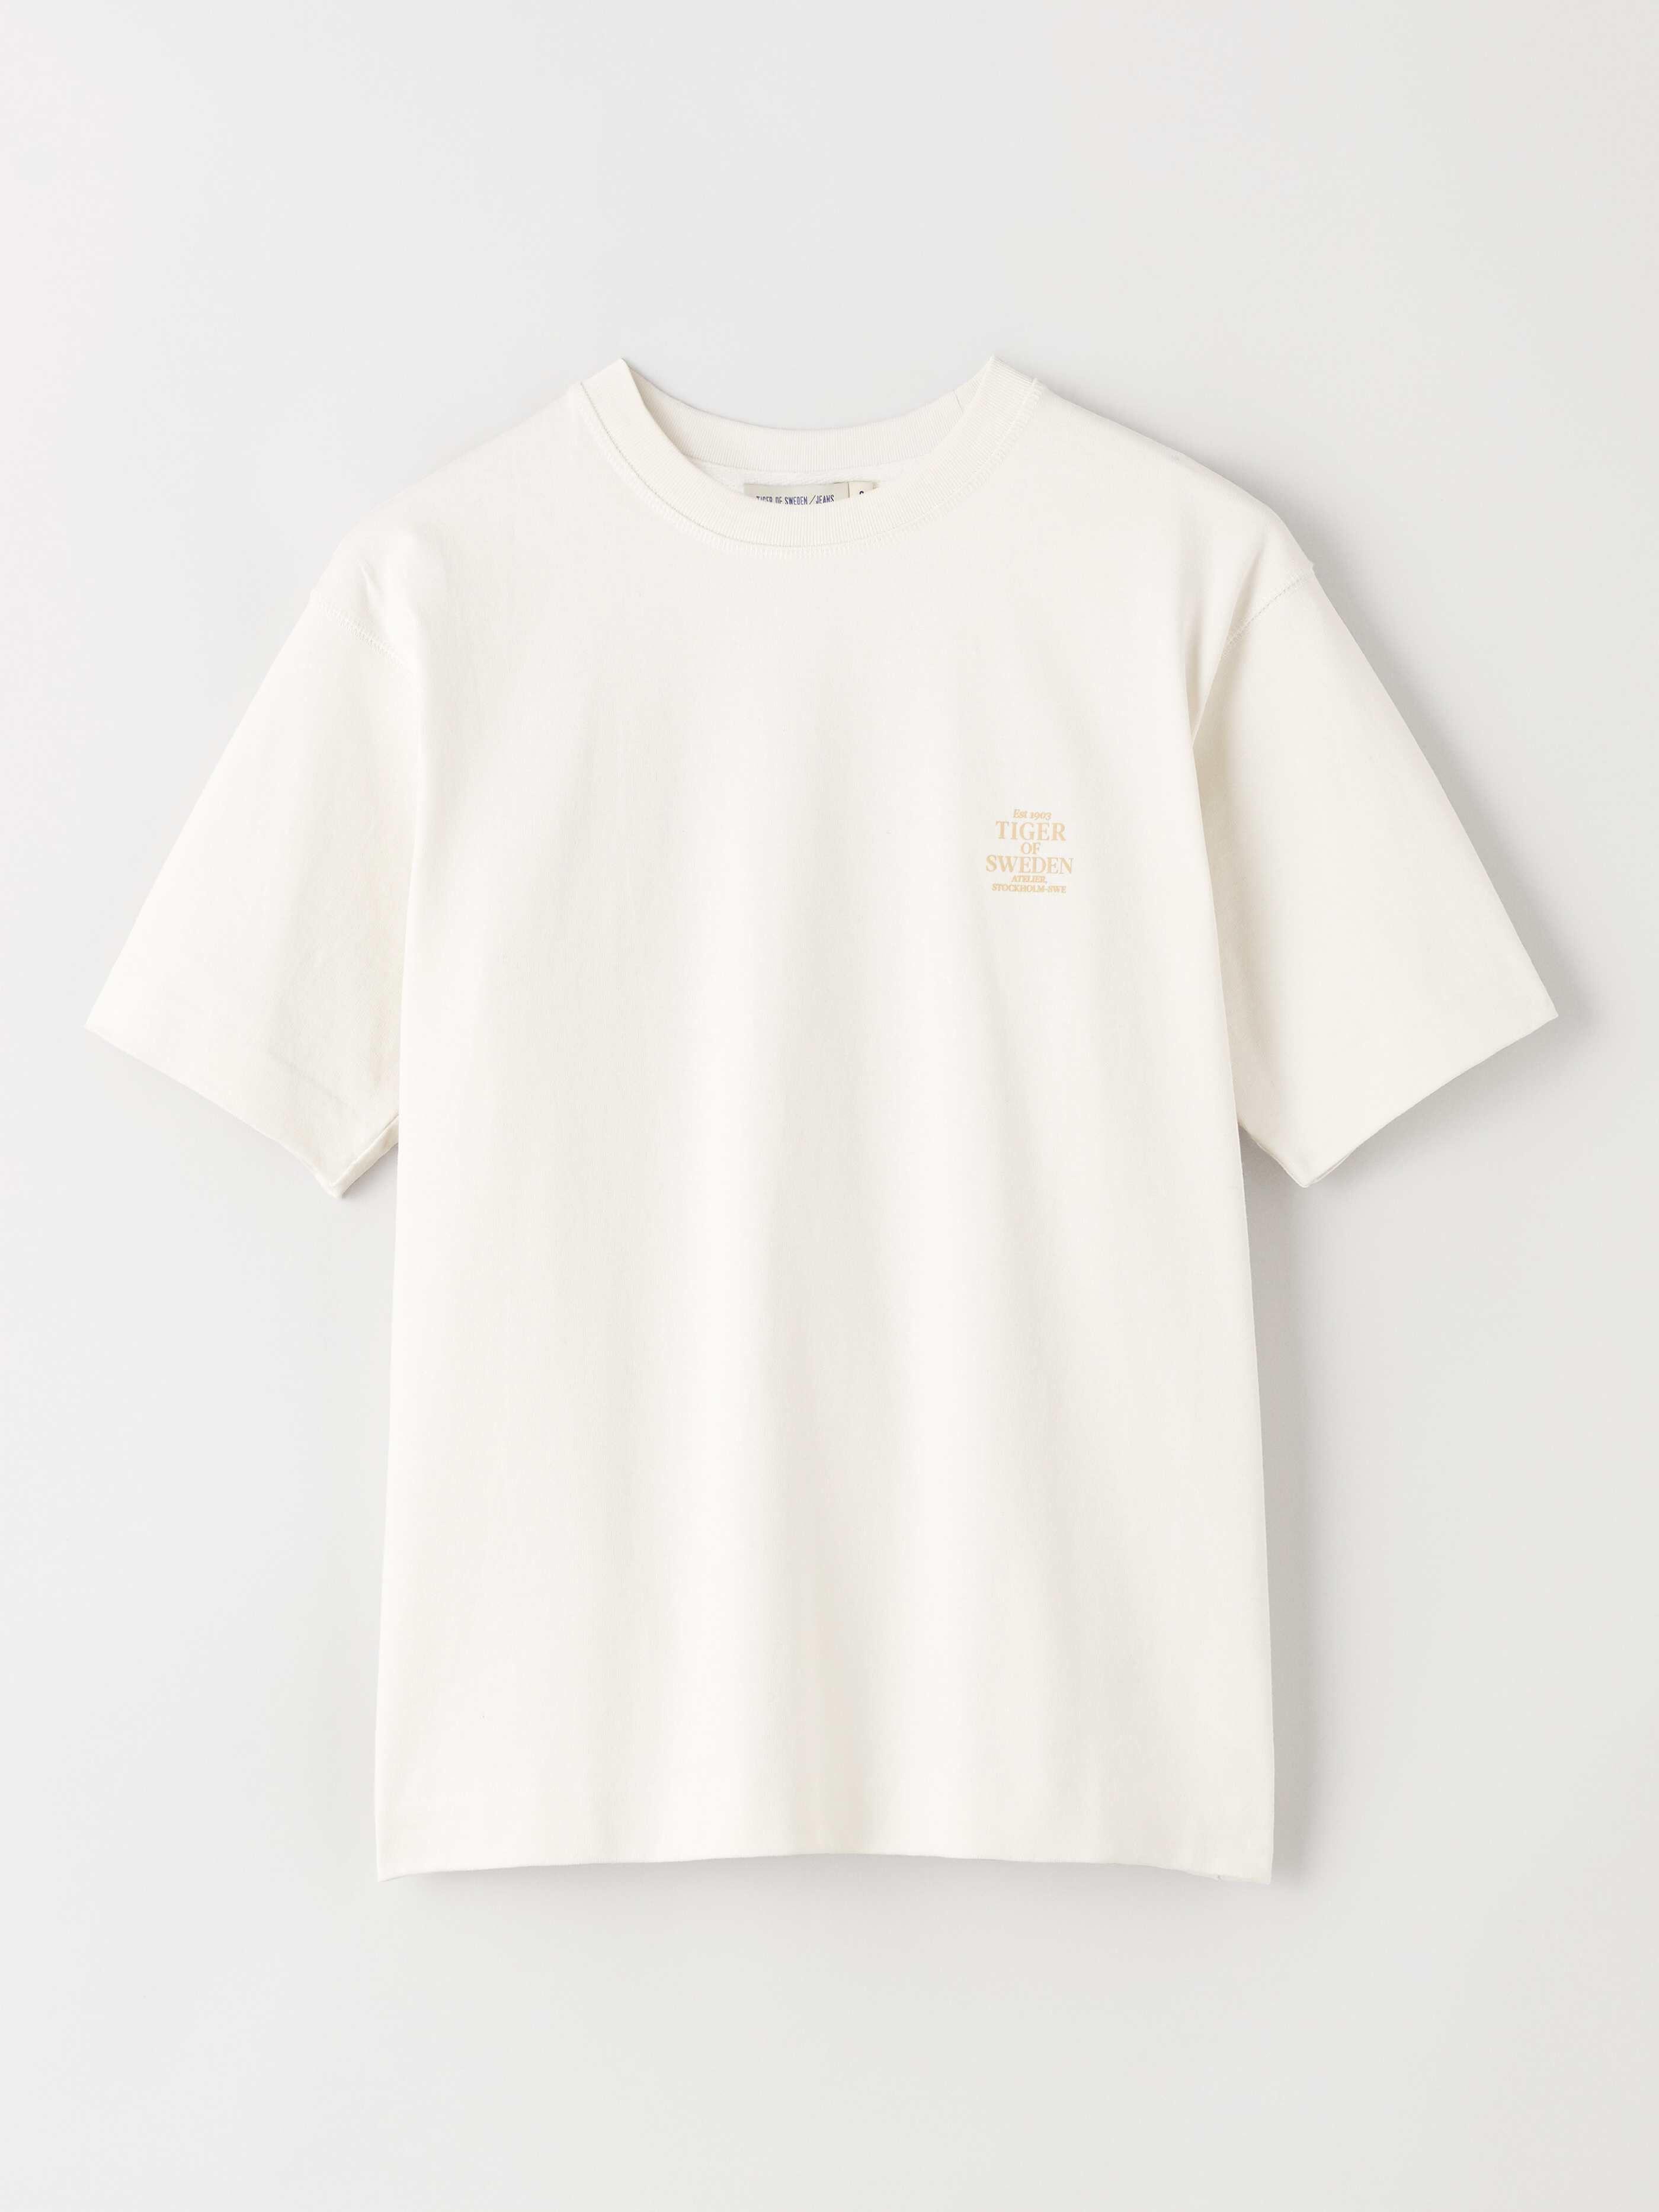 Macey T shirt Buy Tops online